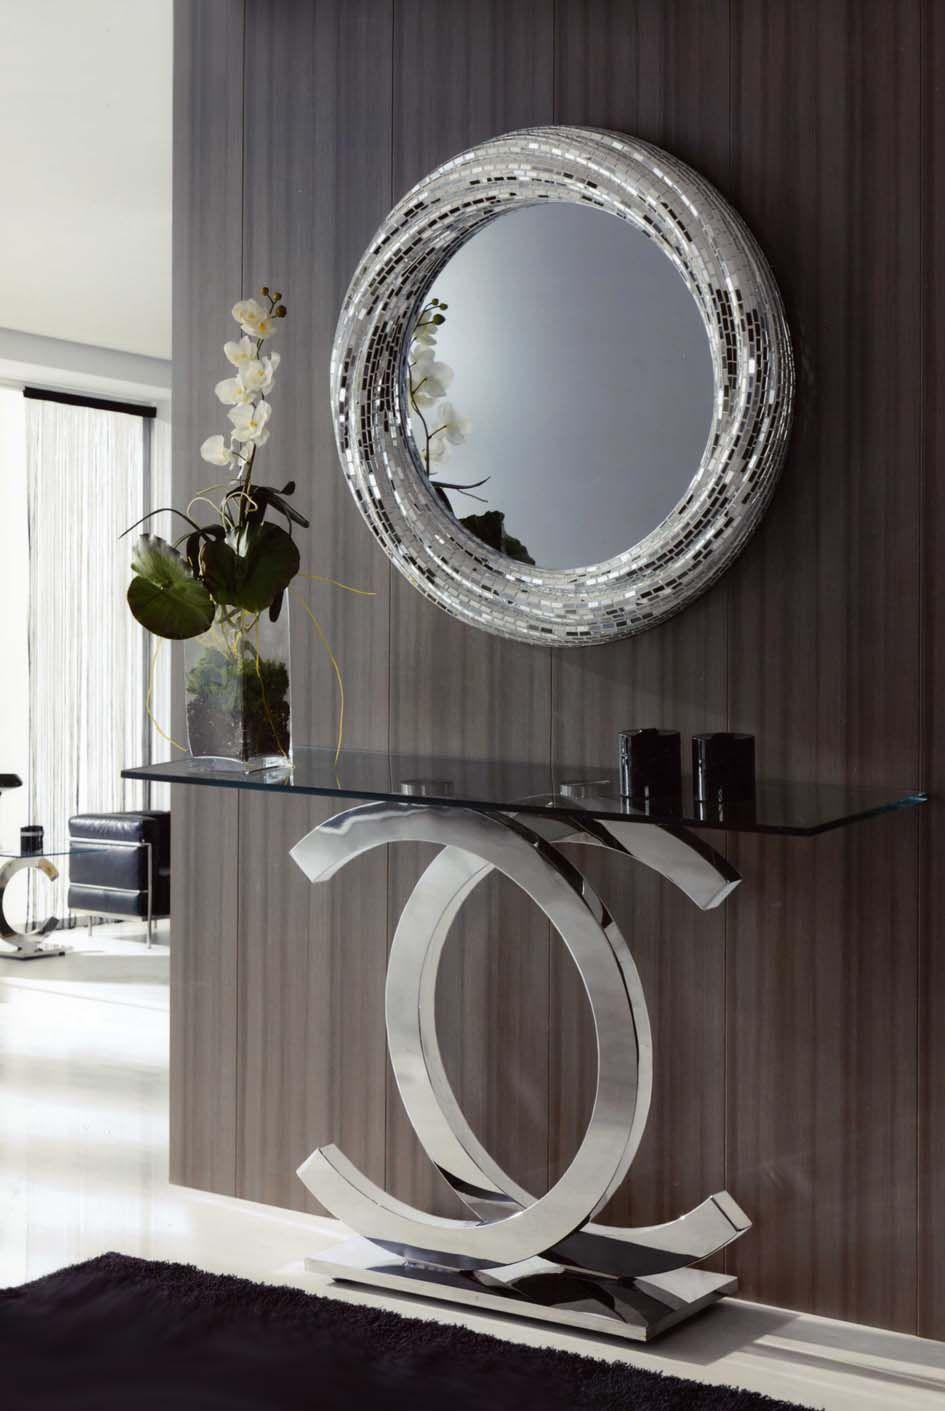 miroir moderne mod le gaudi rond miroir avec cadre en. Black Bedroom Furniture Sets. Home Design Ideas